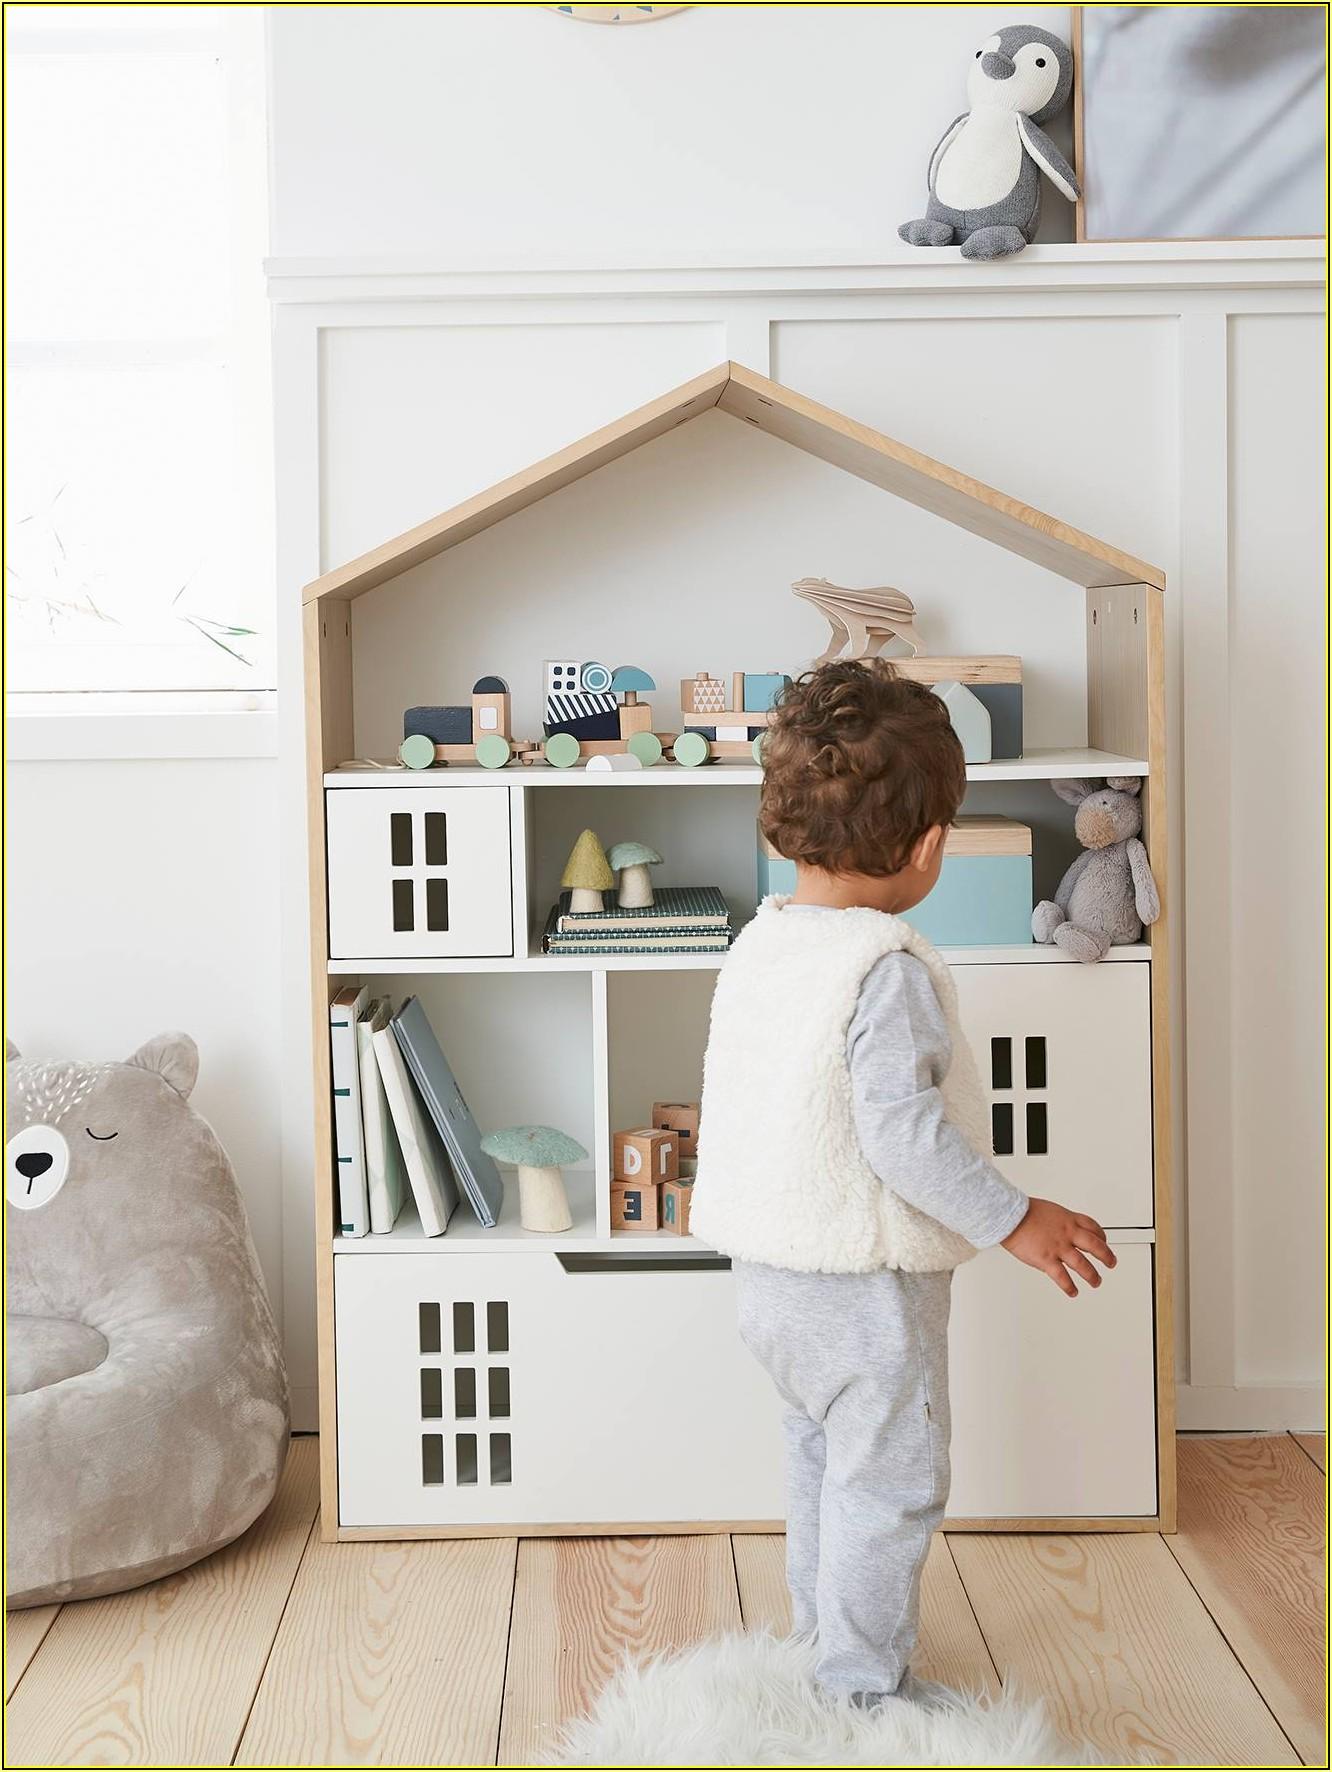 Kinderzimmer Schrank Für Spielzeug